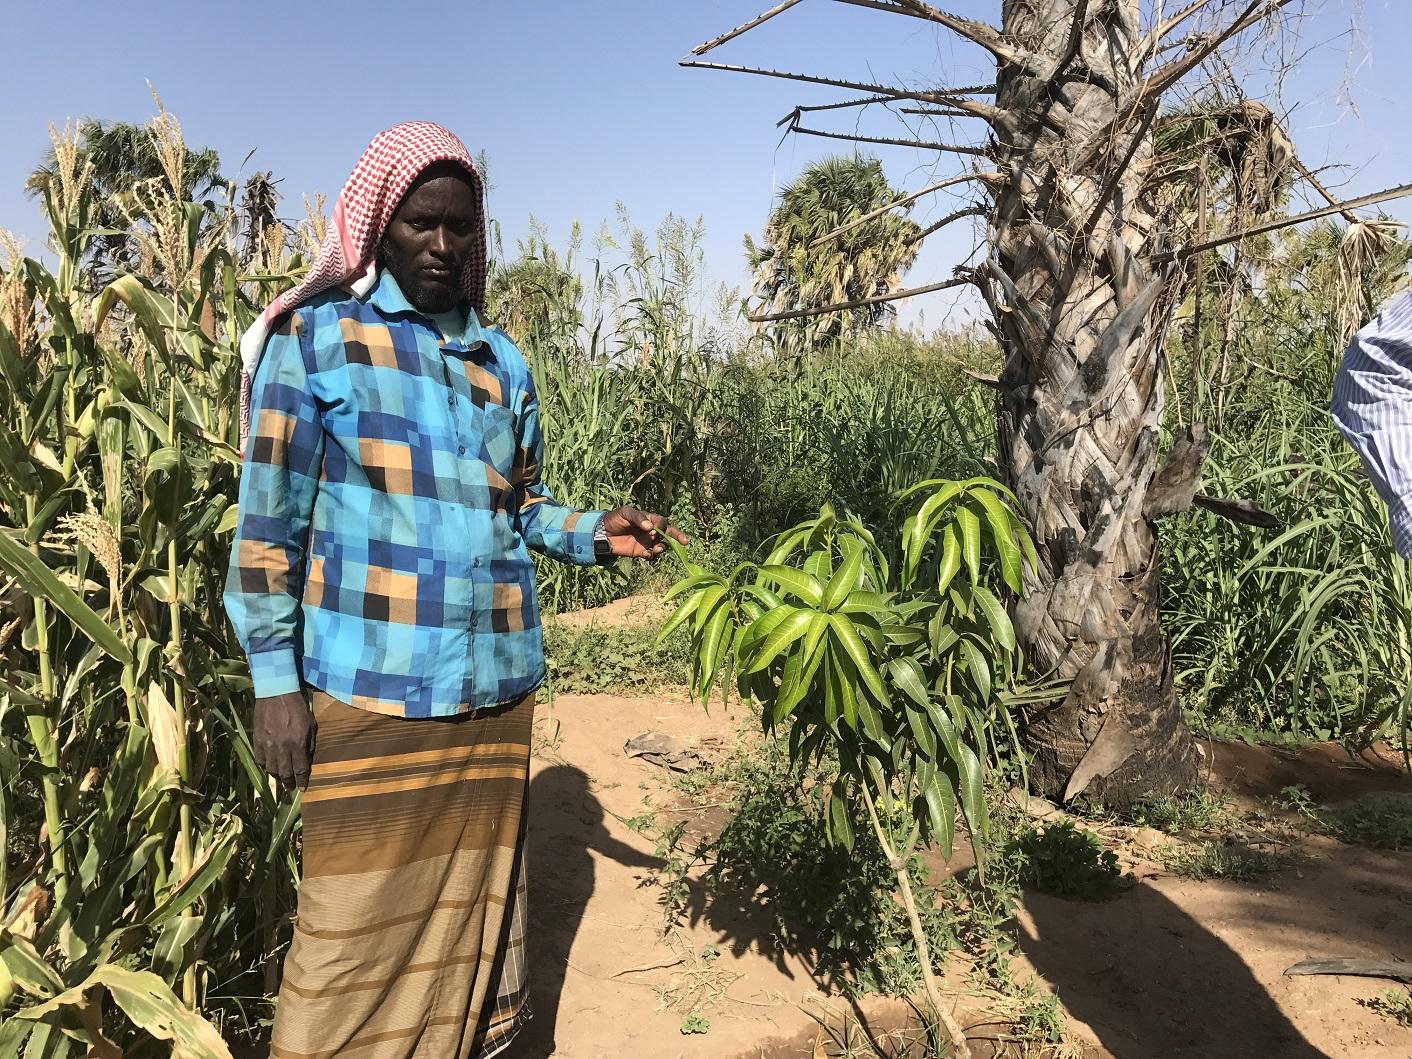 מוחמד איברהים עומד בגאווה ליד אחד מעצי המנגו המורכבים שצפוי להניב פרי בעוד שנתיים (בניגוד לעצי מנגו רגילים שמניבים אחרי כשש שנים) | תמונה: Lisa Sim/Epoch Times